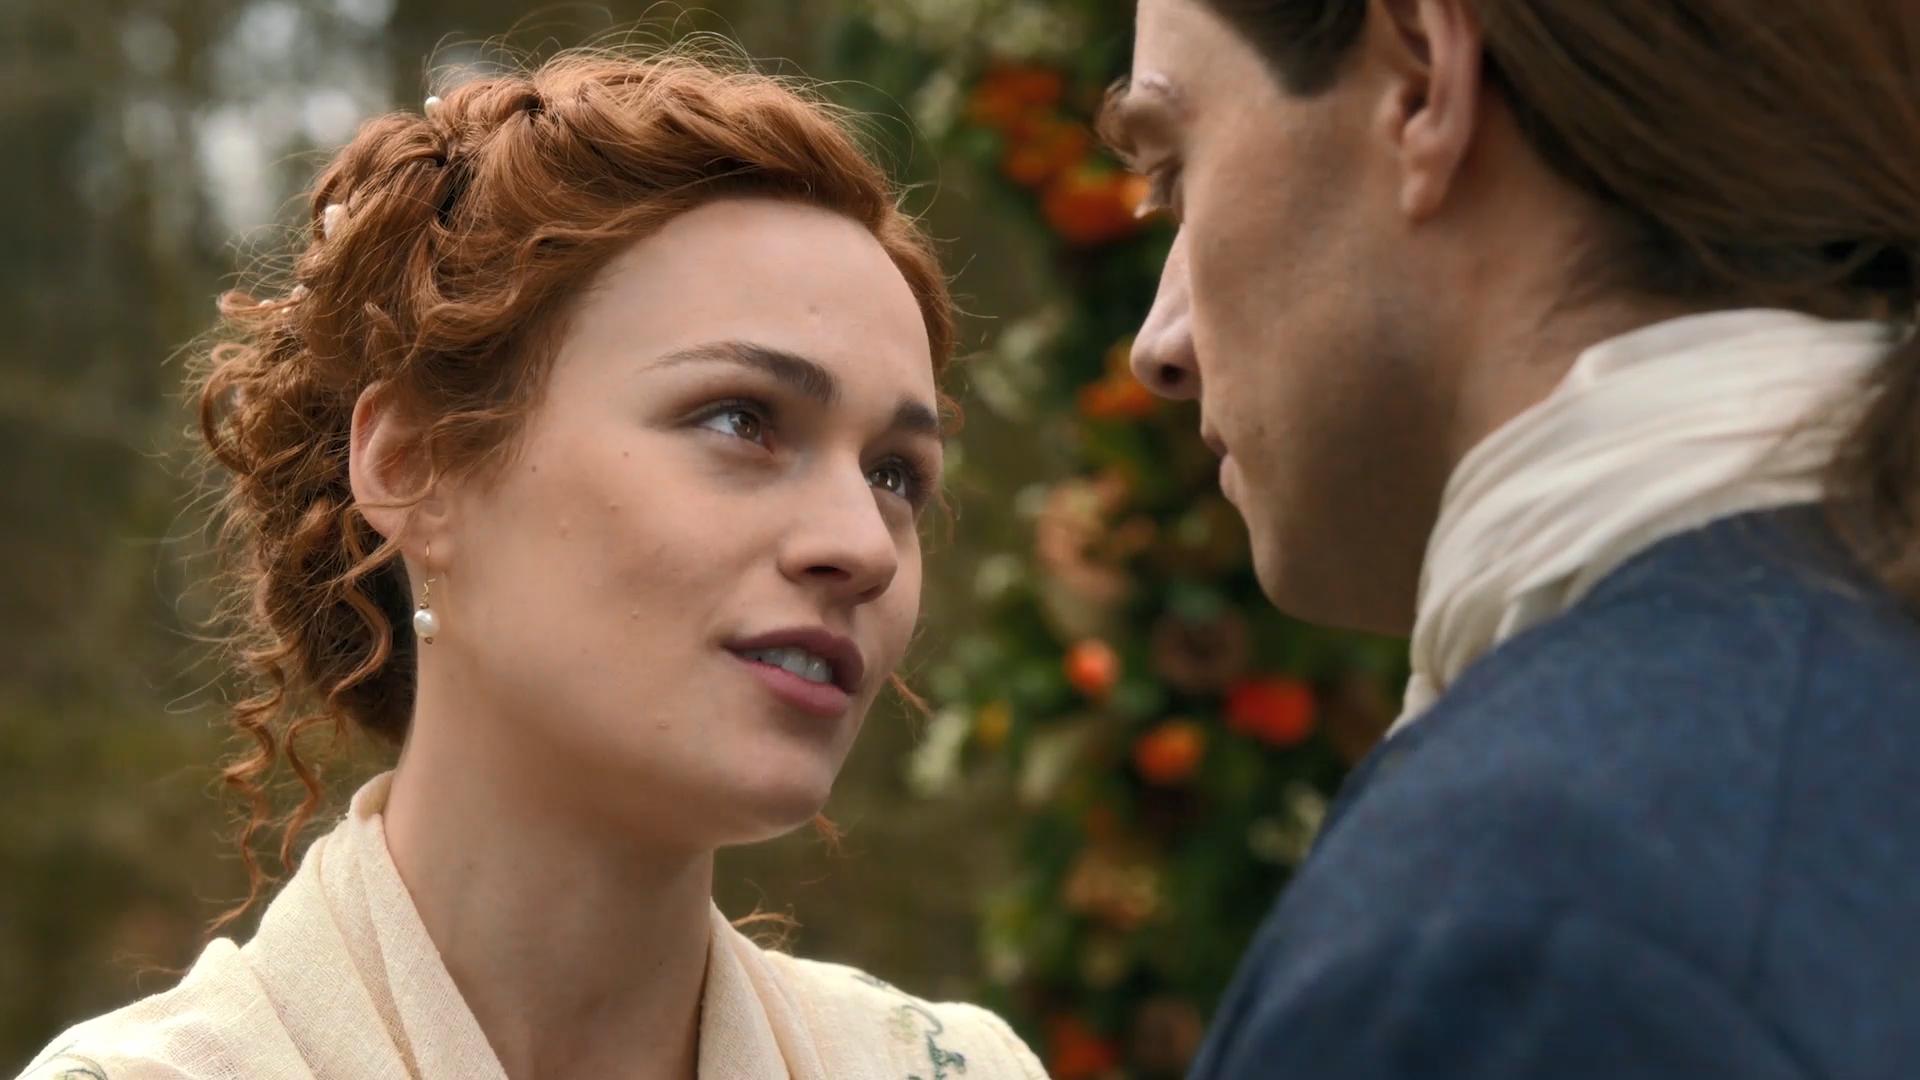 Изображение для Чужестранка / Outlander, Сезон 5, Серия 1-7 из 12 (2020) WEBRip 1080p (кликните для просмотра полного изображения)